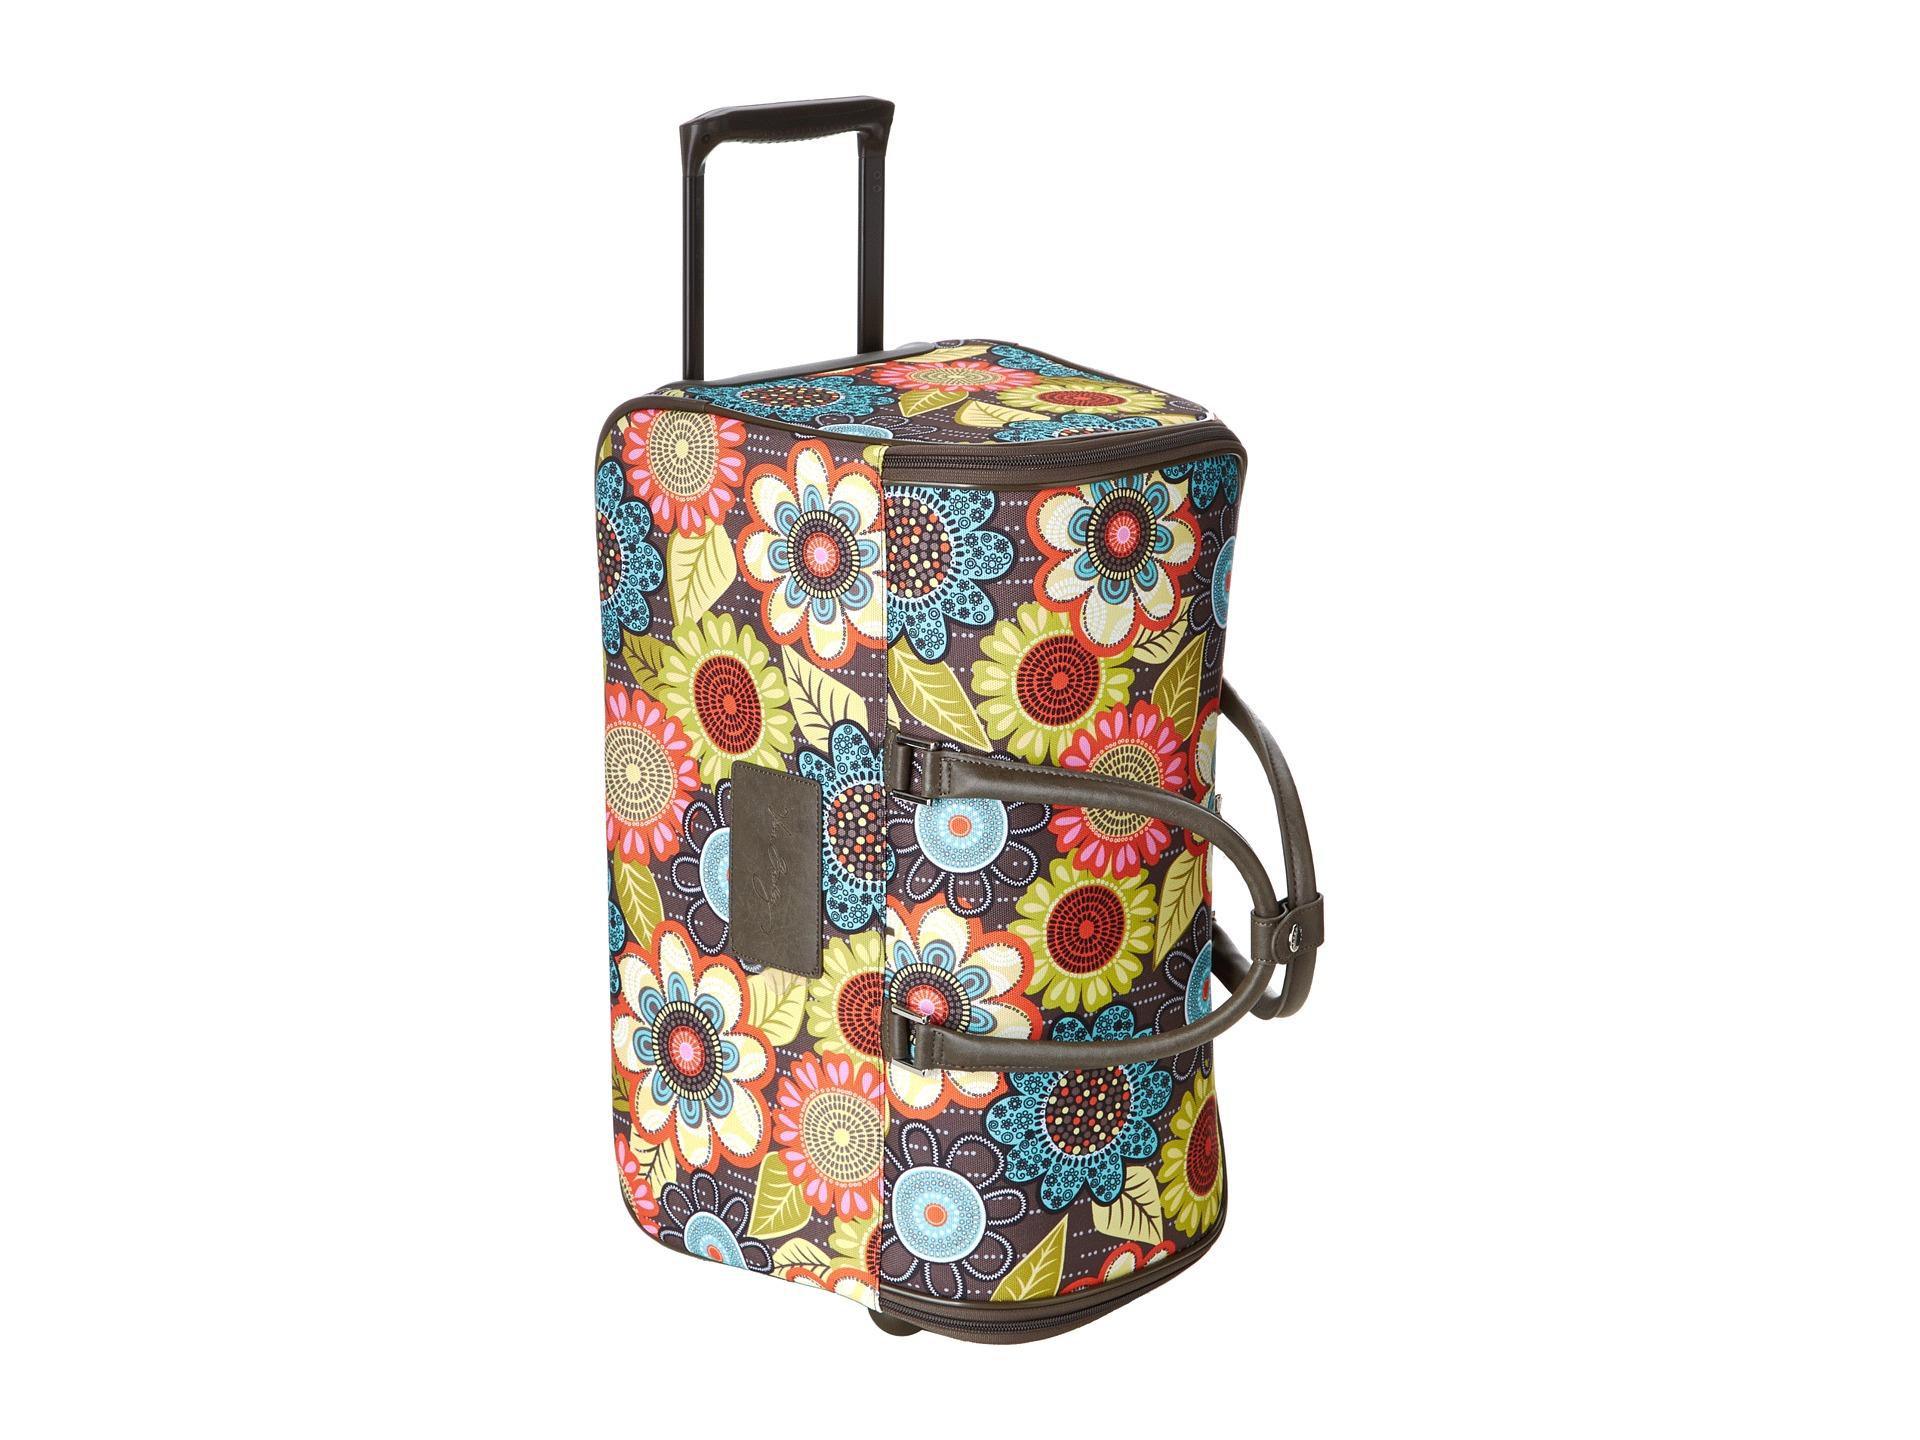 Vera bradley luggage 22 rolling duffel flower shower for Vera bradley bathroom bag